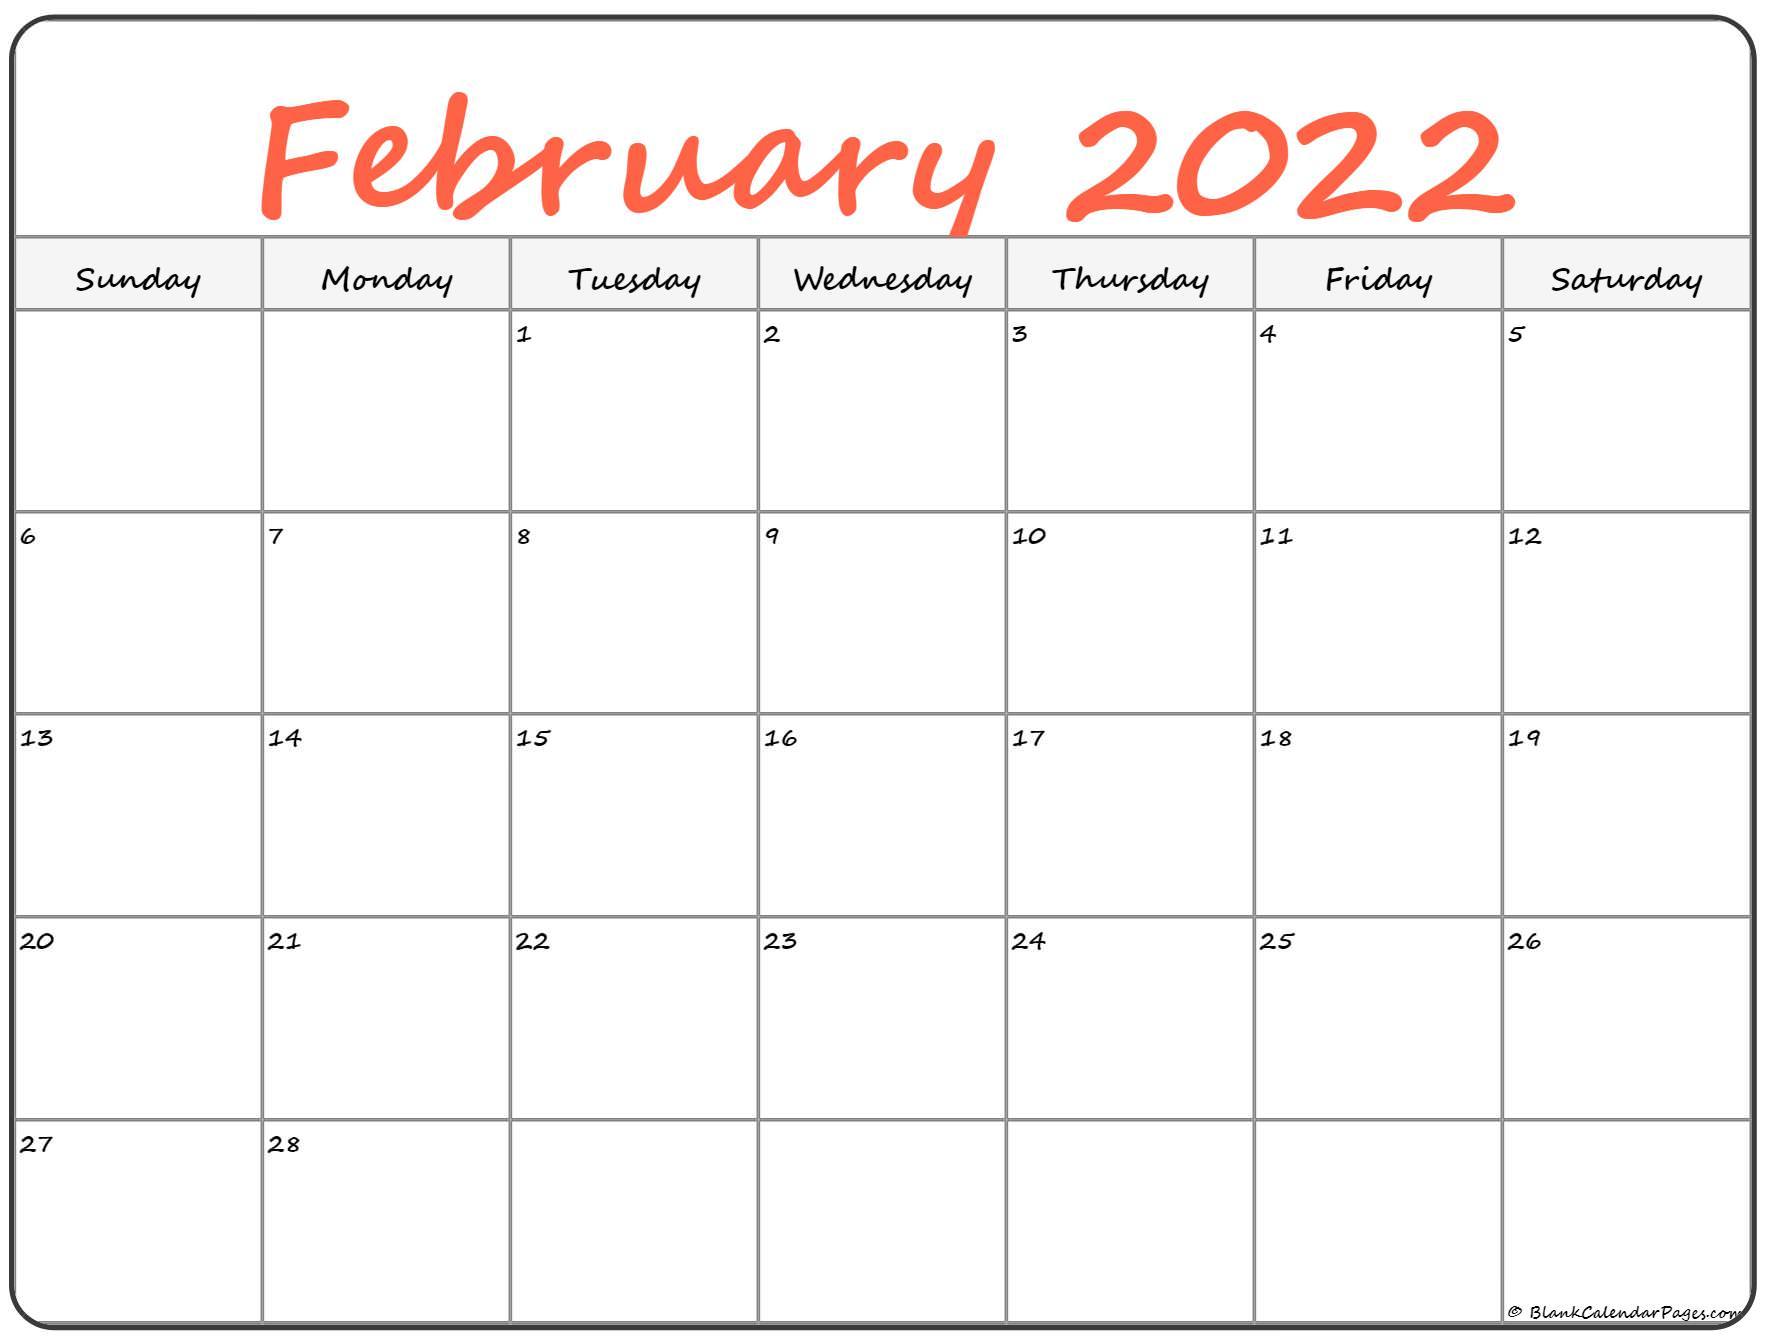 February 2022 Calendar   Free Printable Calendar Templates For 2022 Free Big Primt For Feb 2022